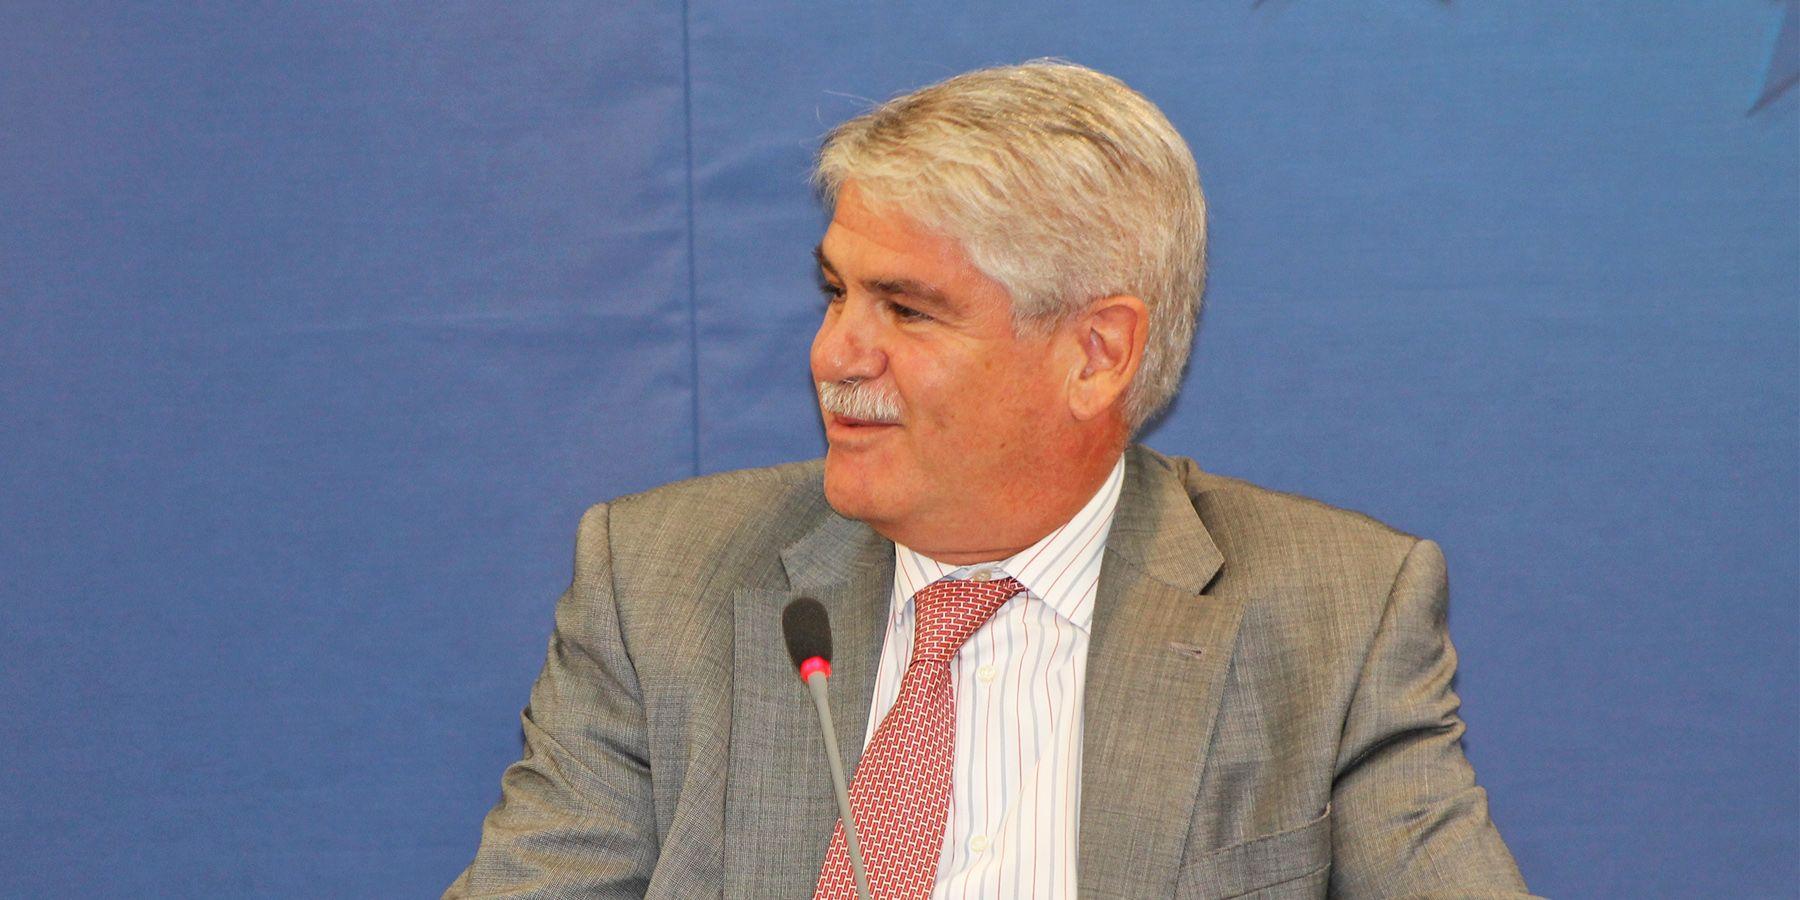 Rajoy Elige Al Jerezano Alfonso Dastis Como Ministro De Exteriores